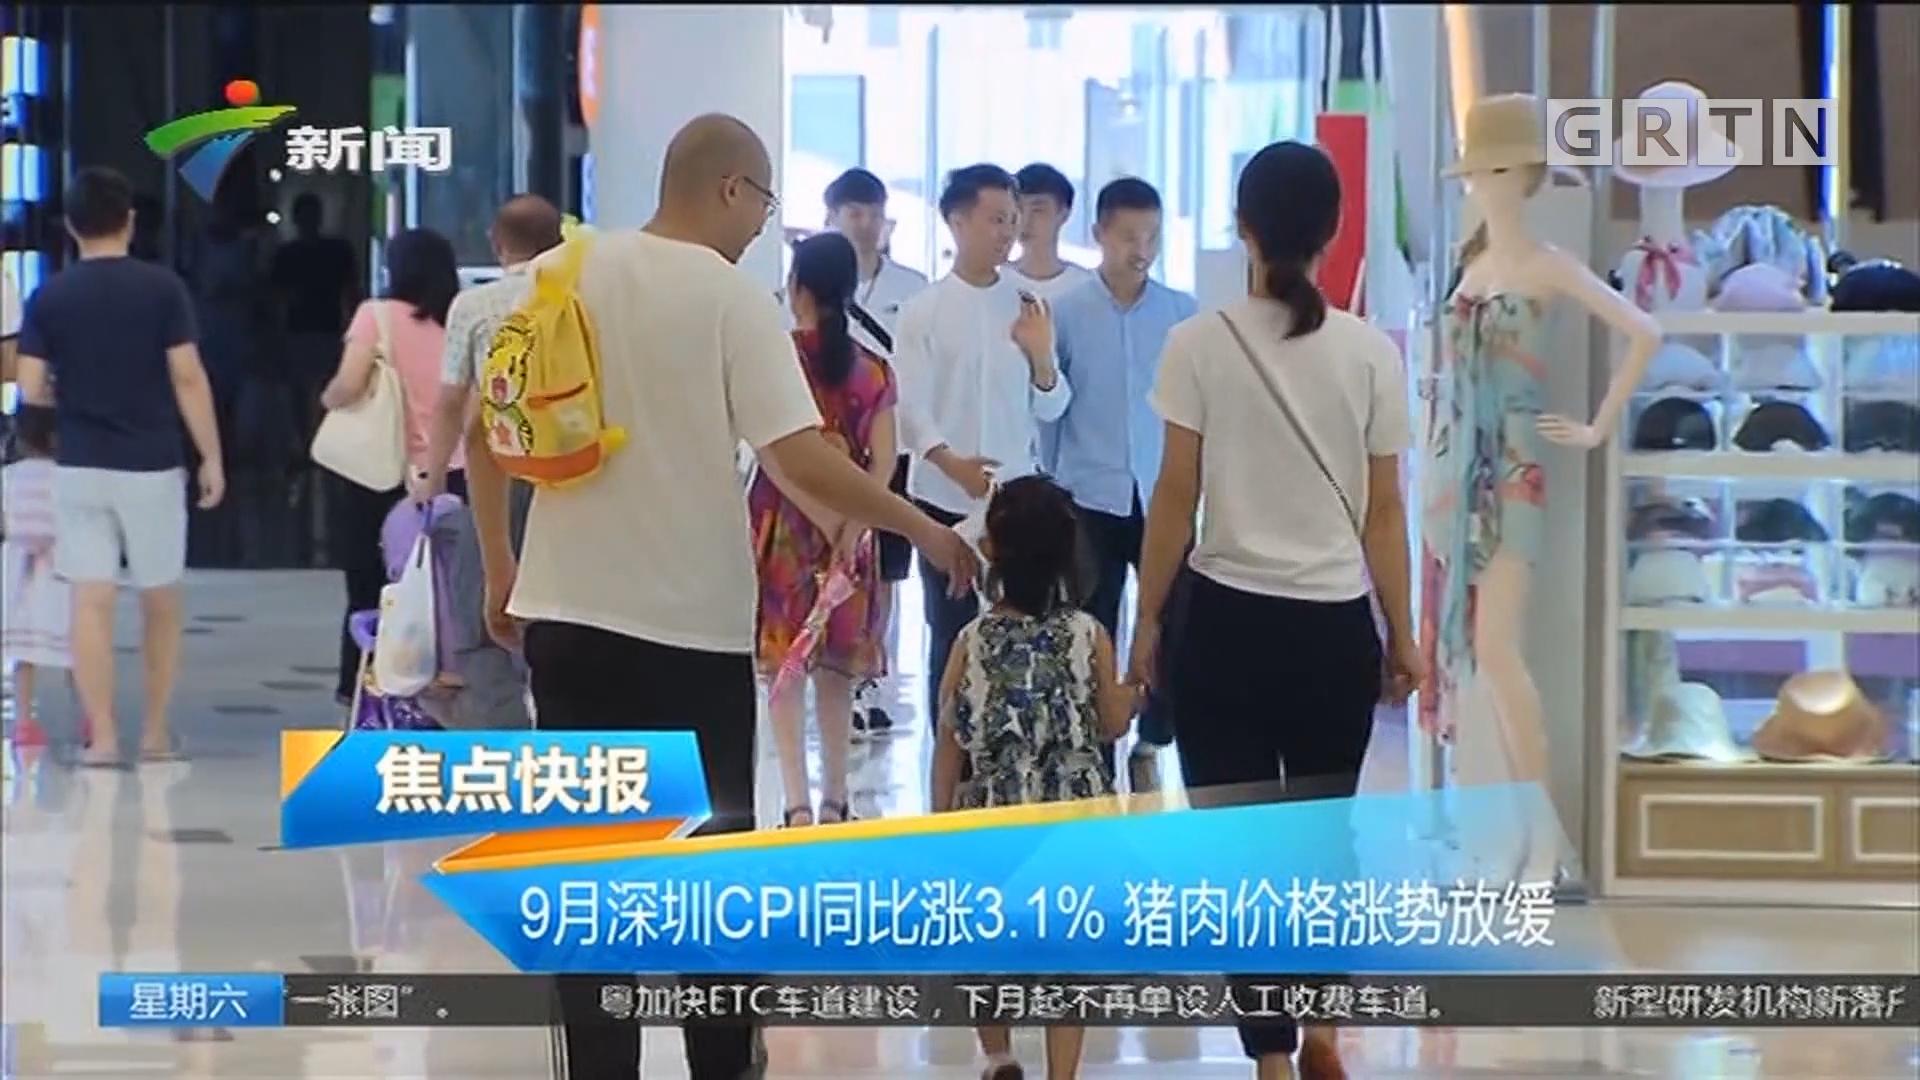 9月深圳CPI同比漲3.1% 豬肉價格漲勢放緩